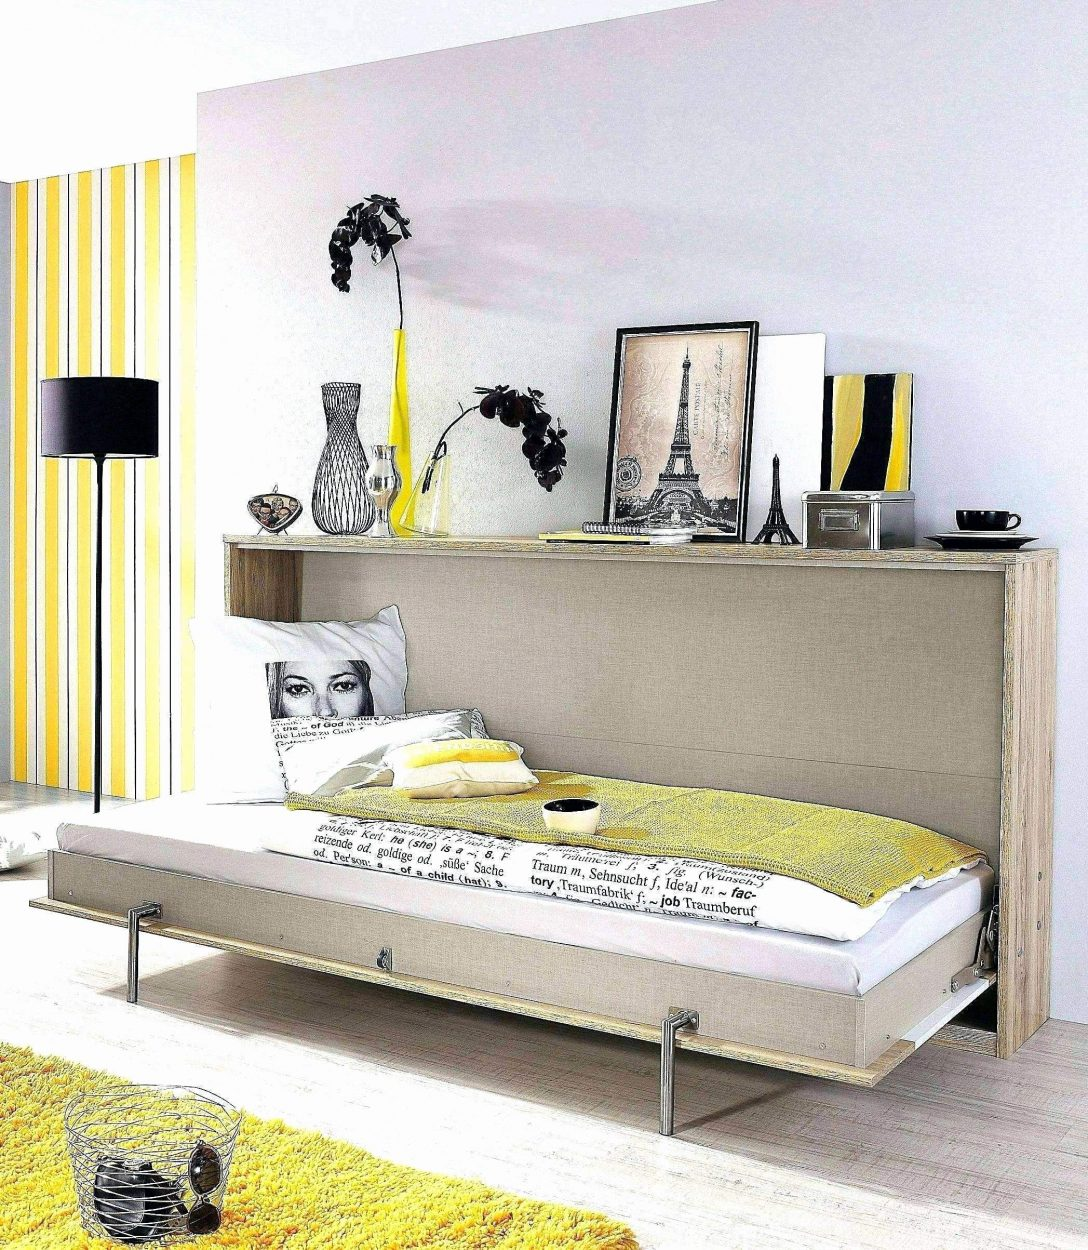 Large Size of Ikea Schlafzimmer Ideen Besta Einrichtungsideen Pinterest Malm Kallax Klein Deko Hemnes Kleine Pc Schrnke Wohnzimmer Schn Schimmel Im Luxus Sofa Mit Wohnzimmer Ikea Schlafzimmer Ideen